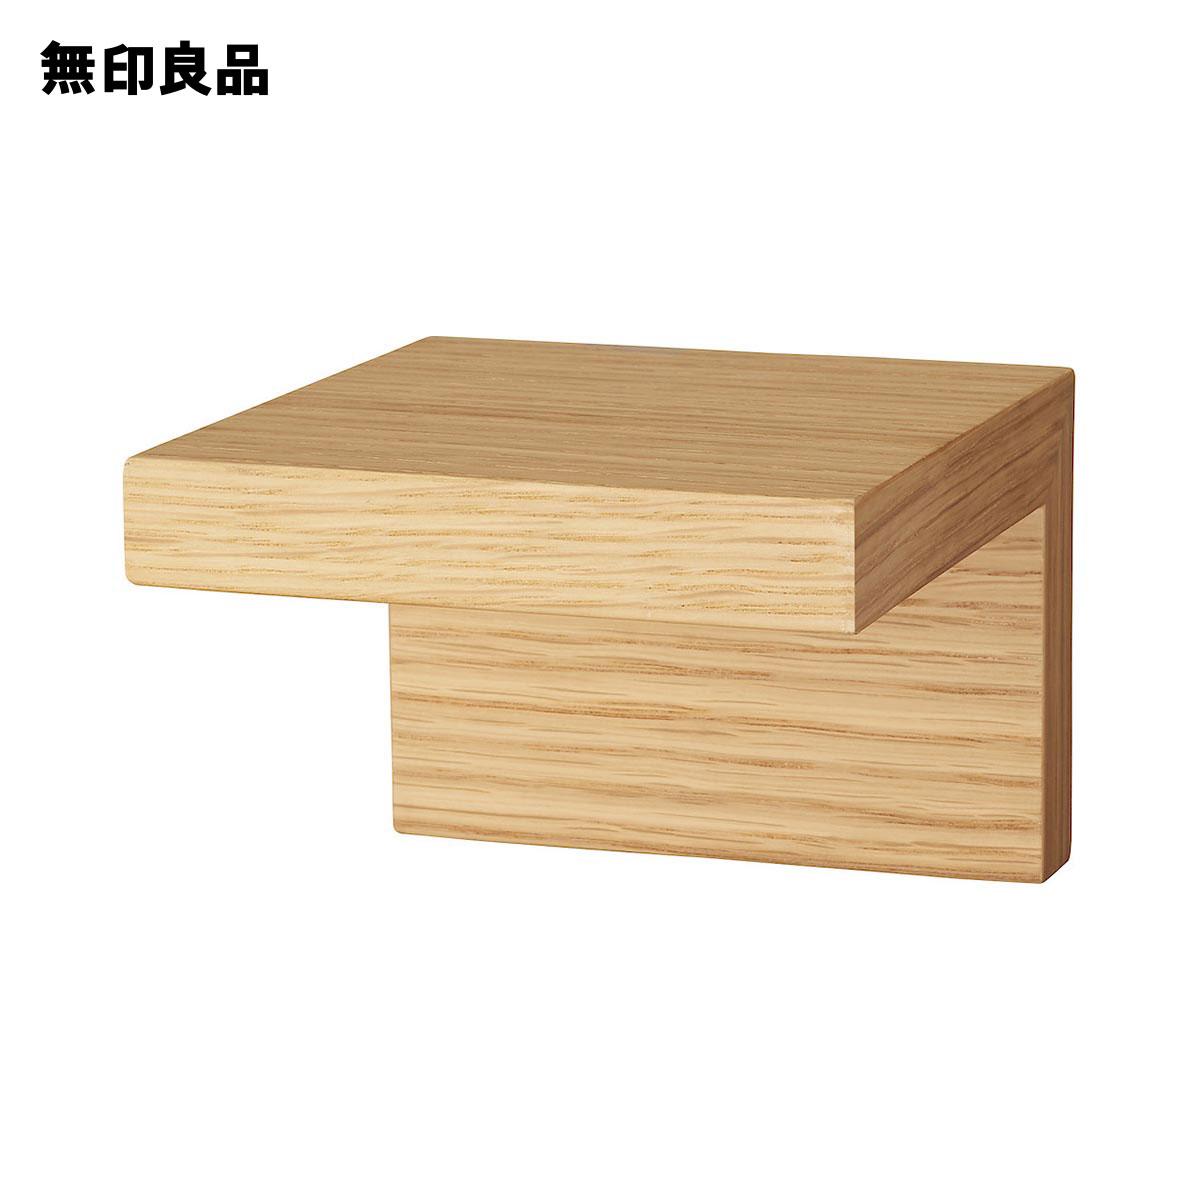 【無印良品 公式】壁に付けられる家具棚 オーク材突板 11cm